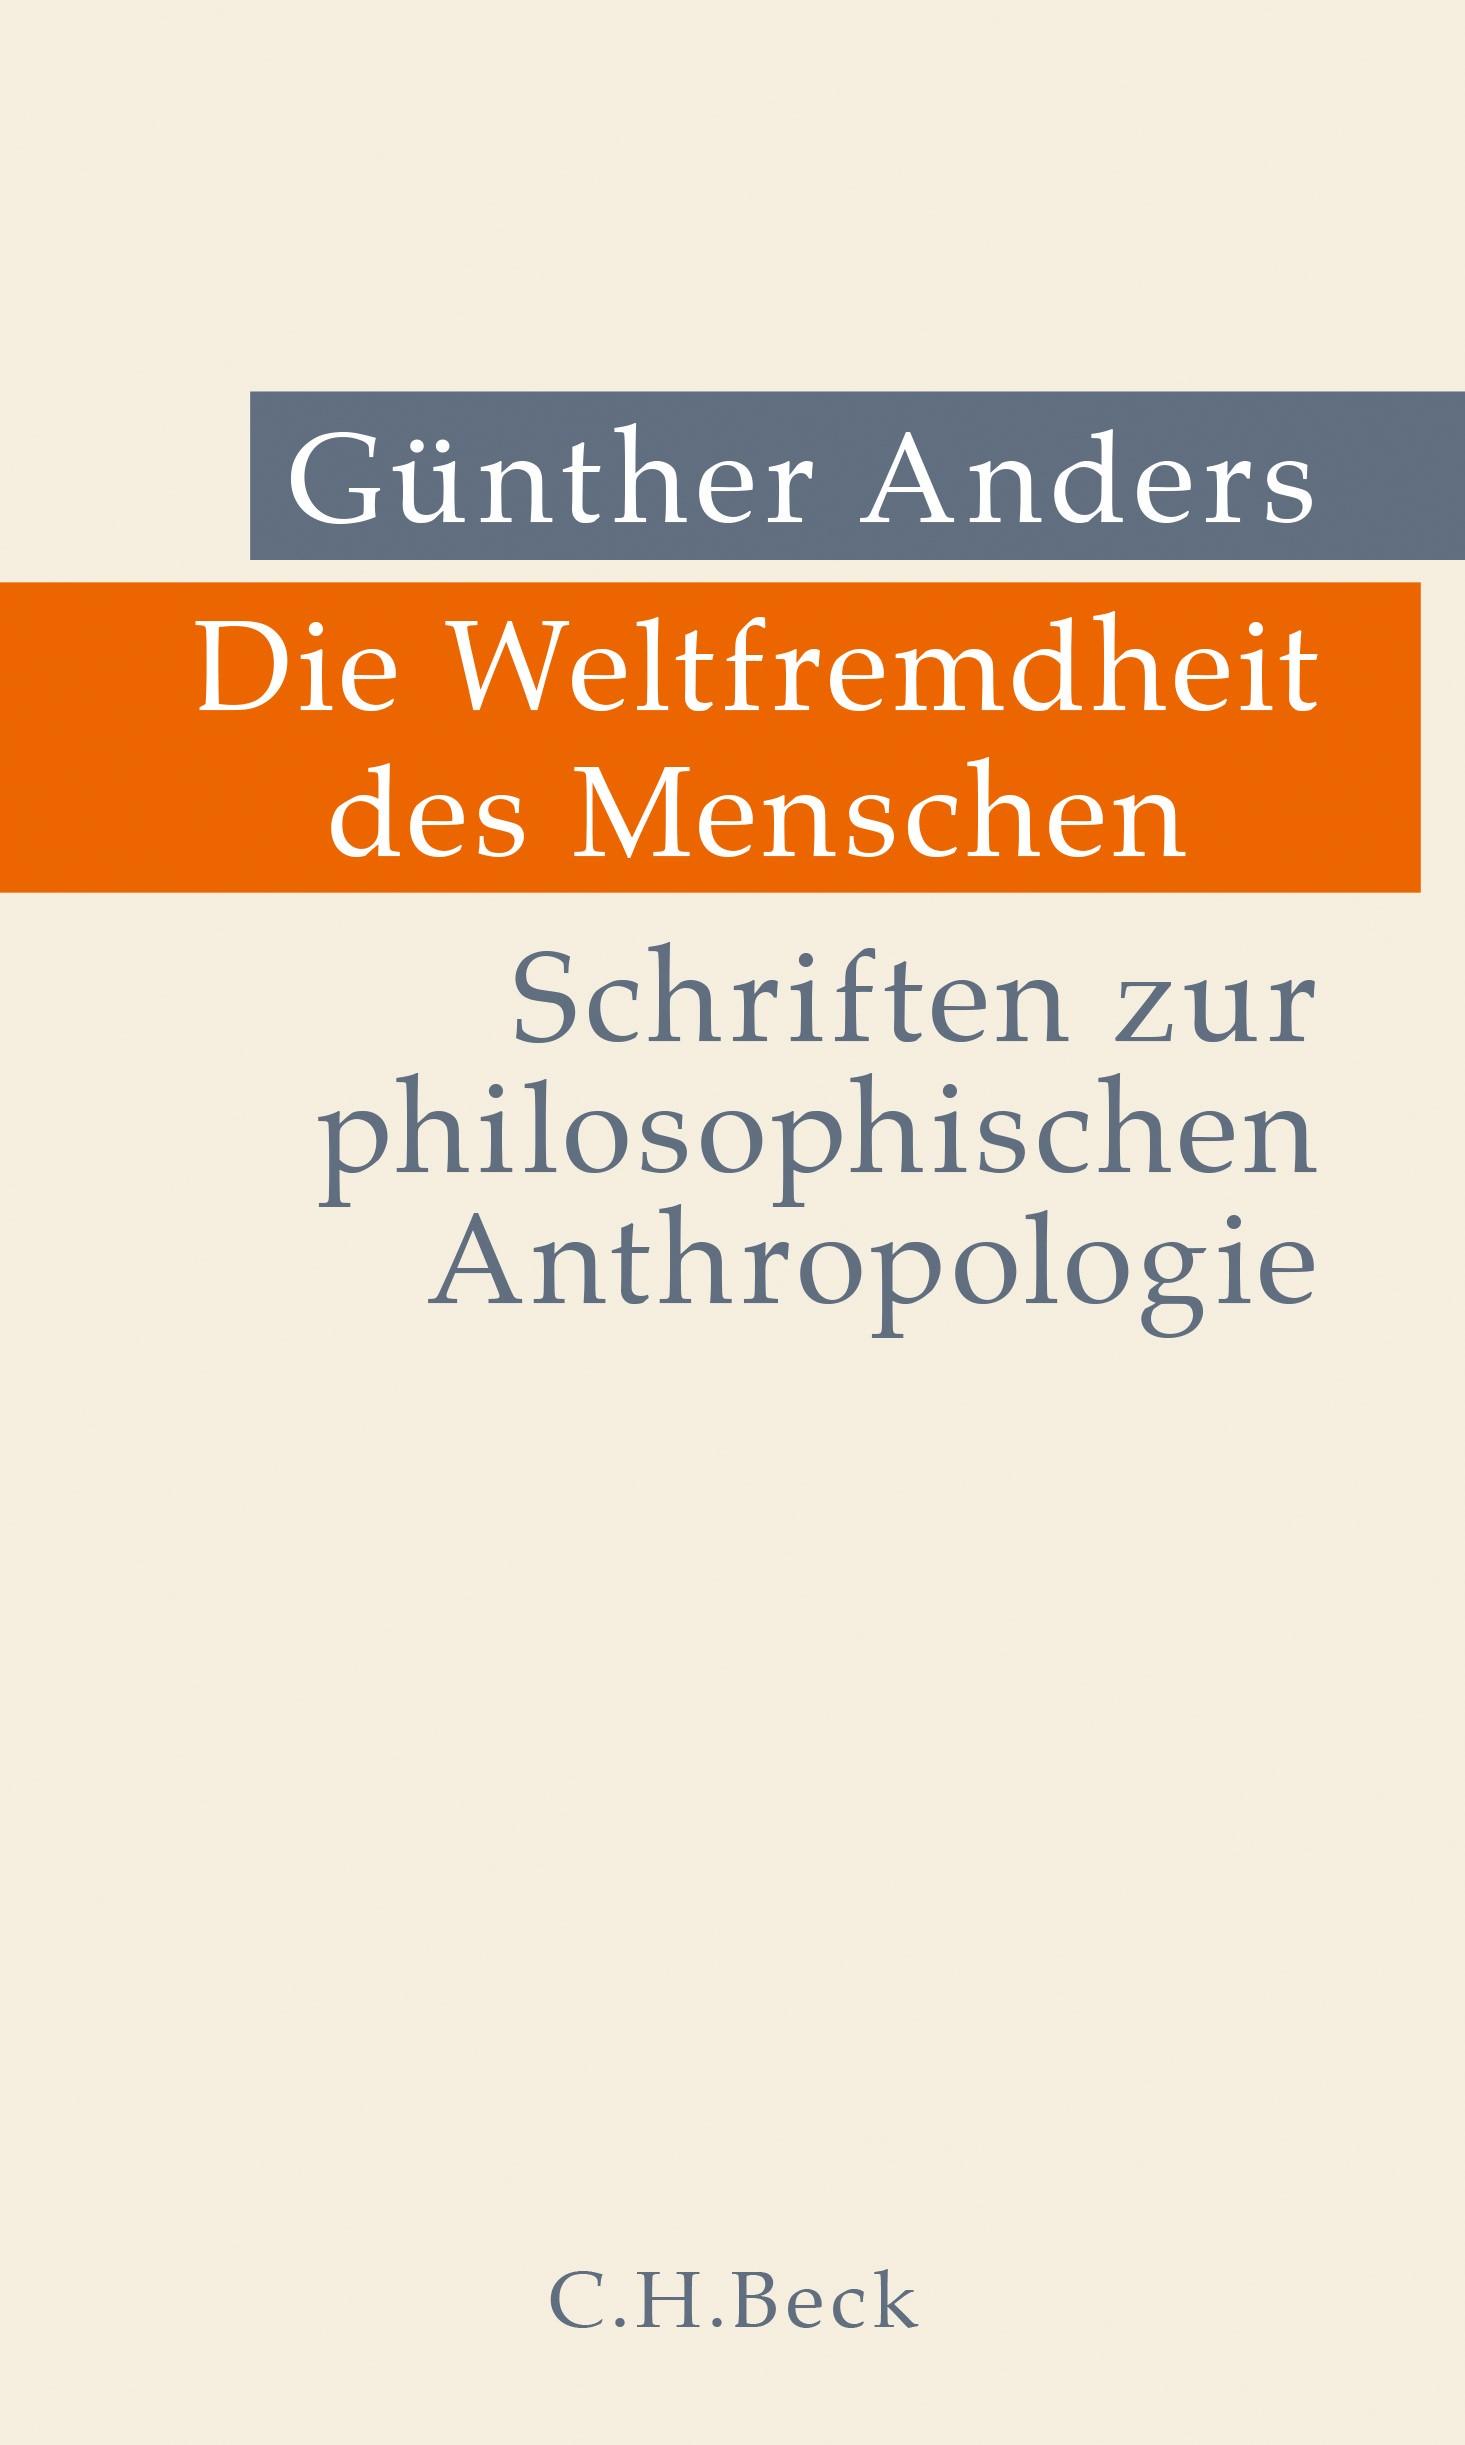 Die Weltfremdheit des Menschen: Schriften zur philosophischen Anthropologie Book Cover